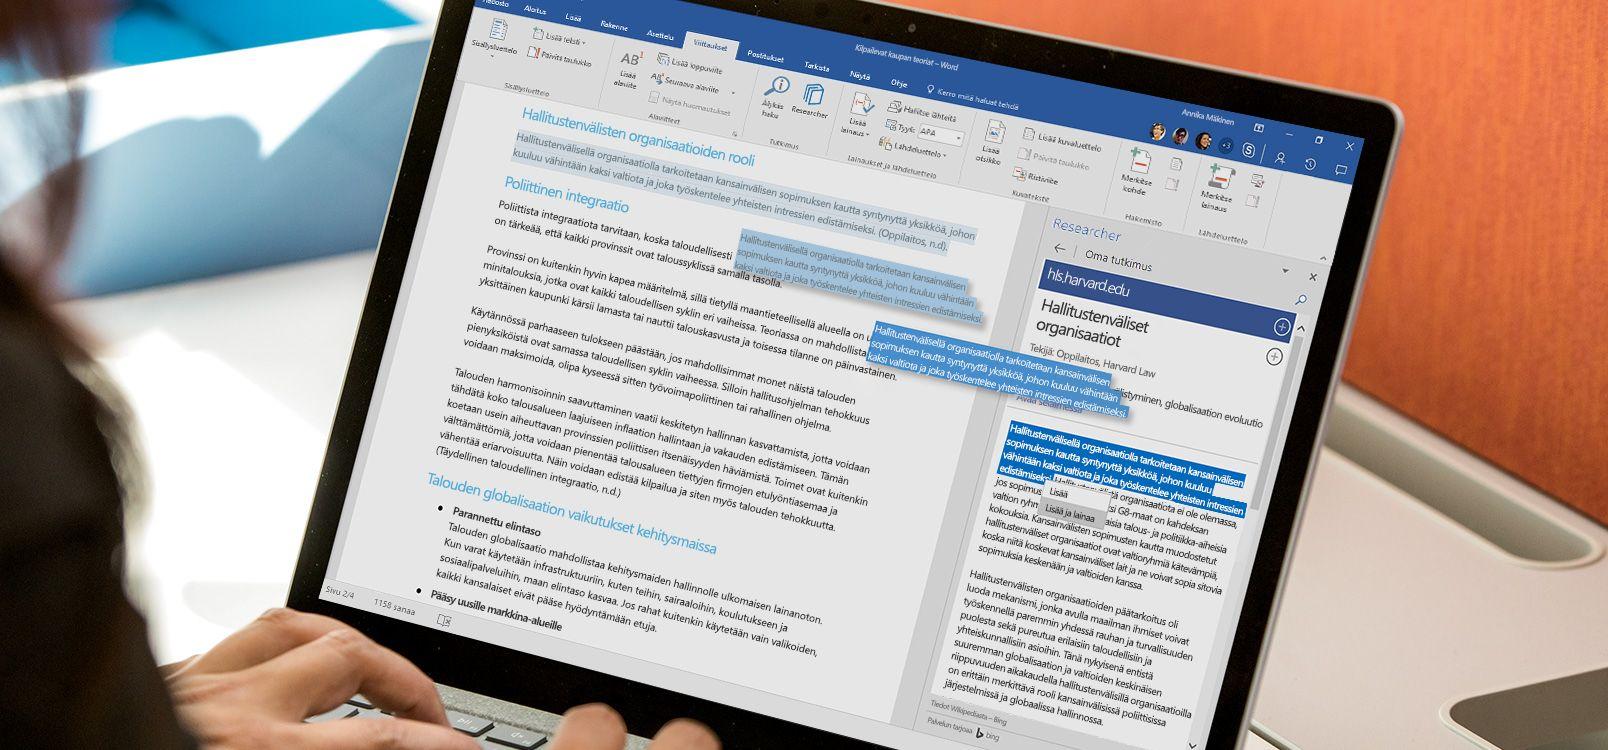 Kannettavan tietokoneen näyttö, jossa näkyy Word-tiedosto ja Researcher-toiminto